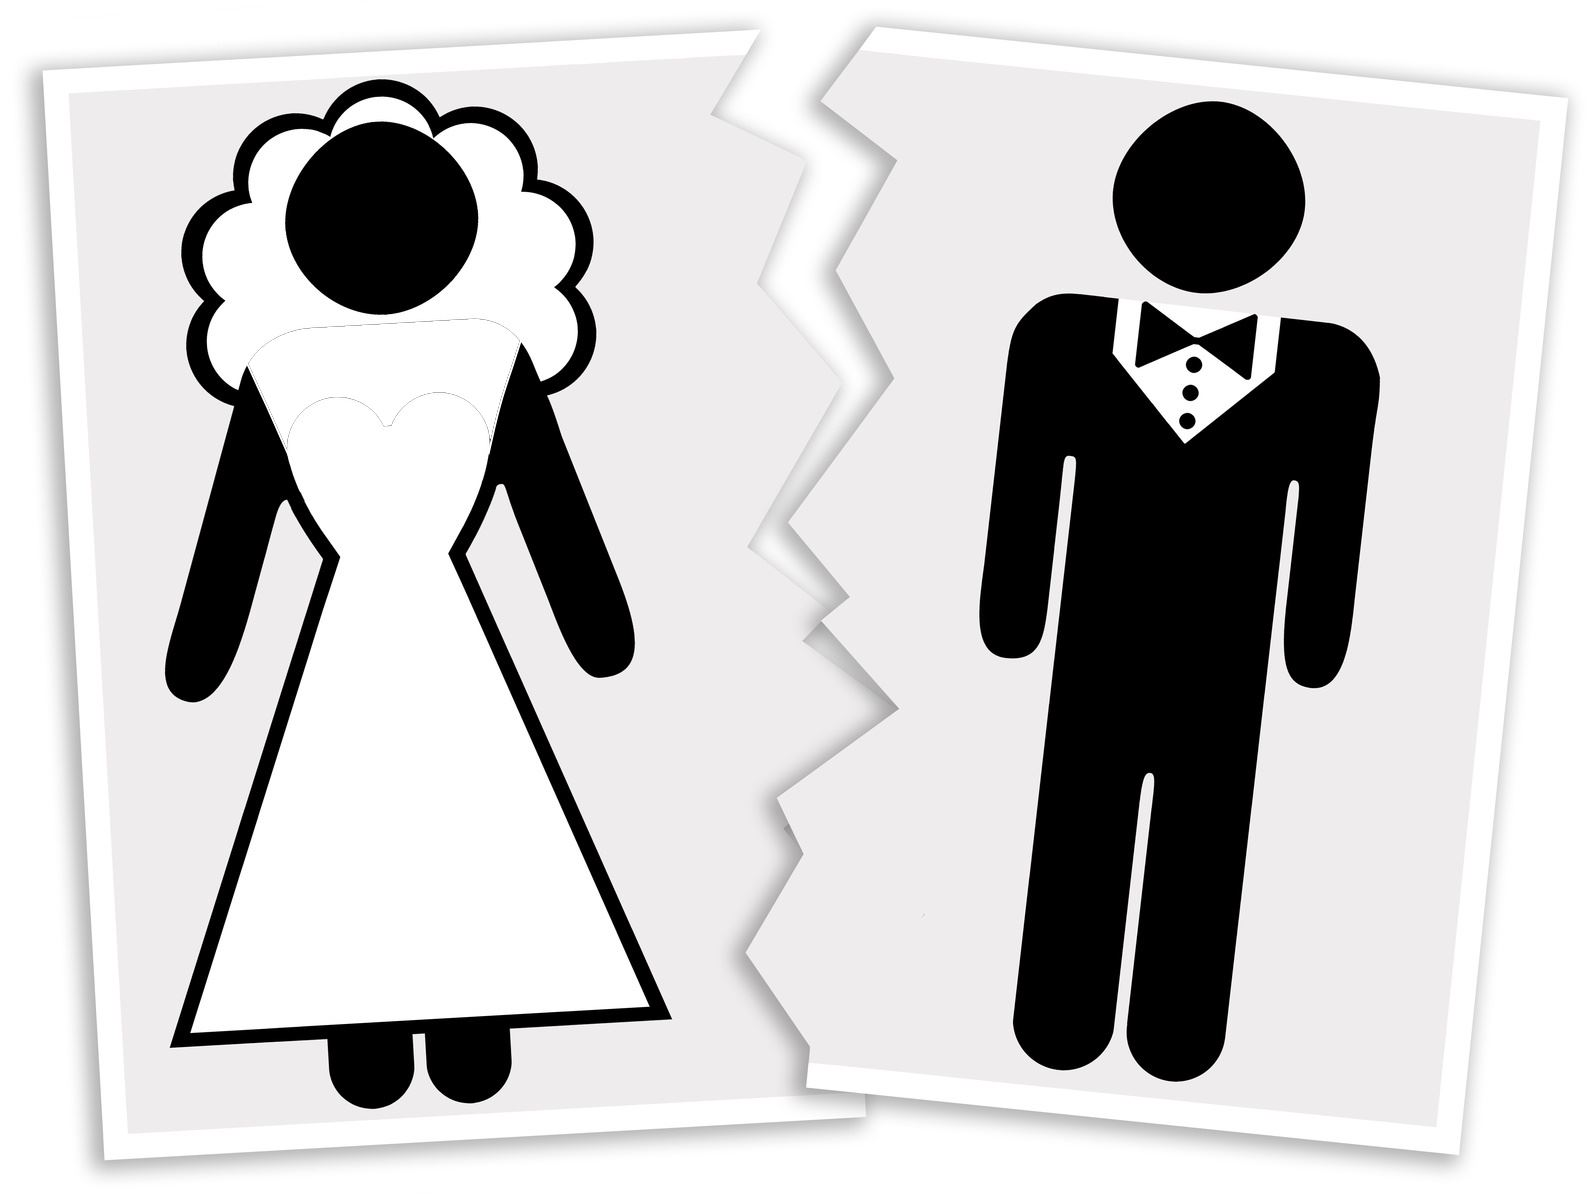 به کسی که جدا شده و طلاق گرفته این حرف ها را نزنید